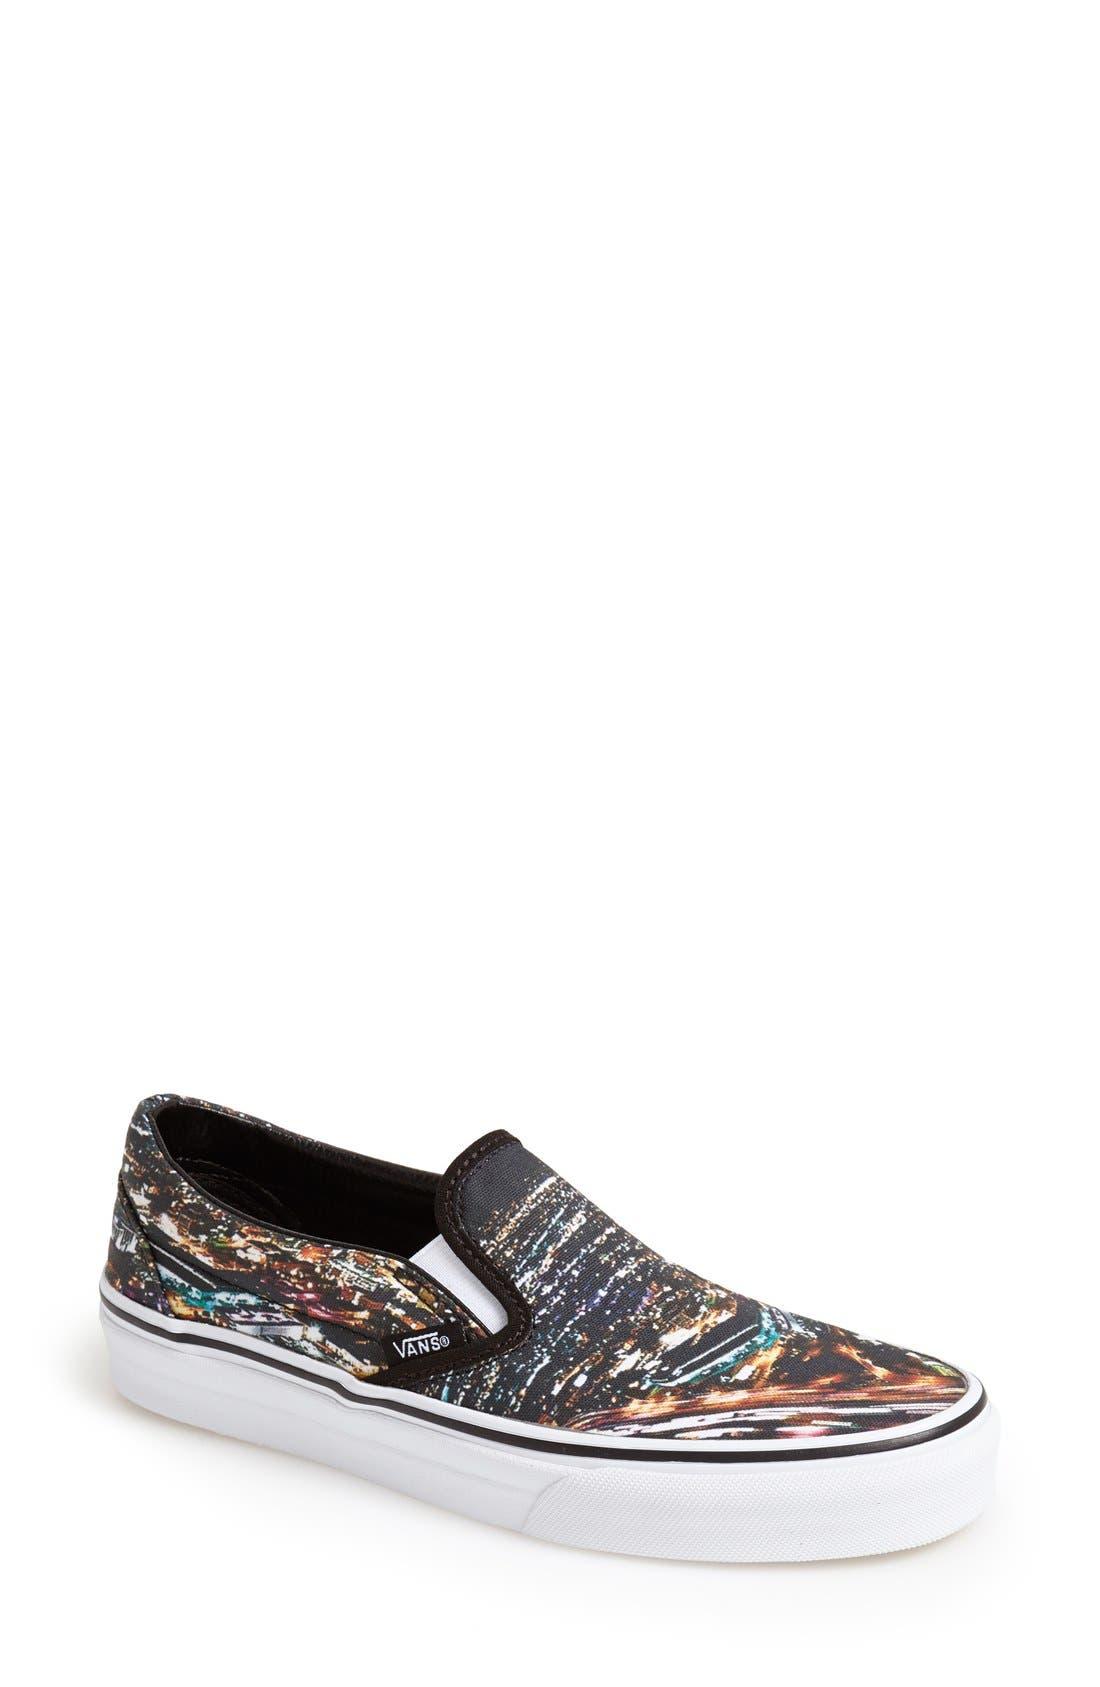 Main Image - Vans Slip-On Sneaker (Women)